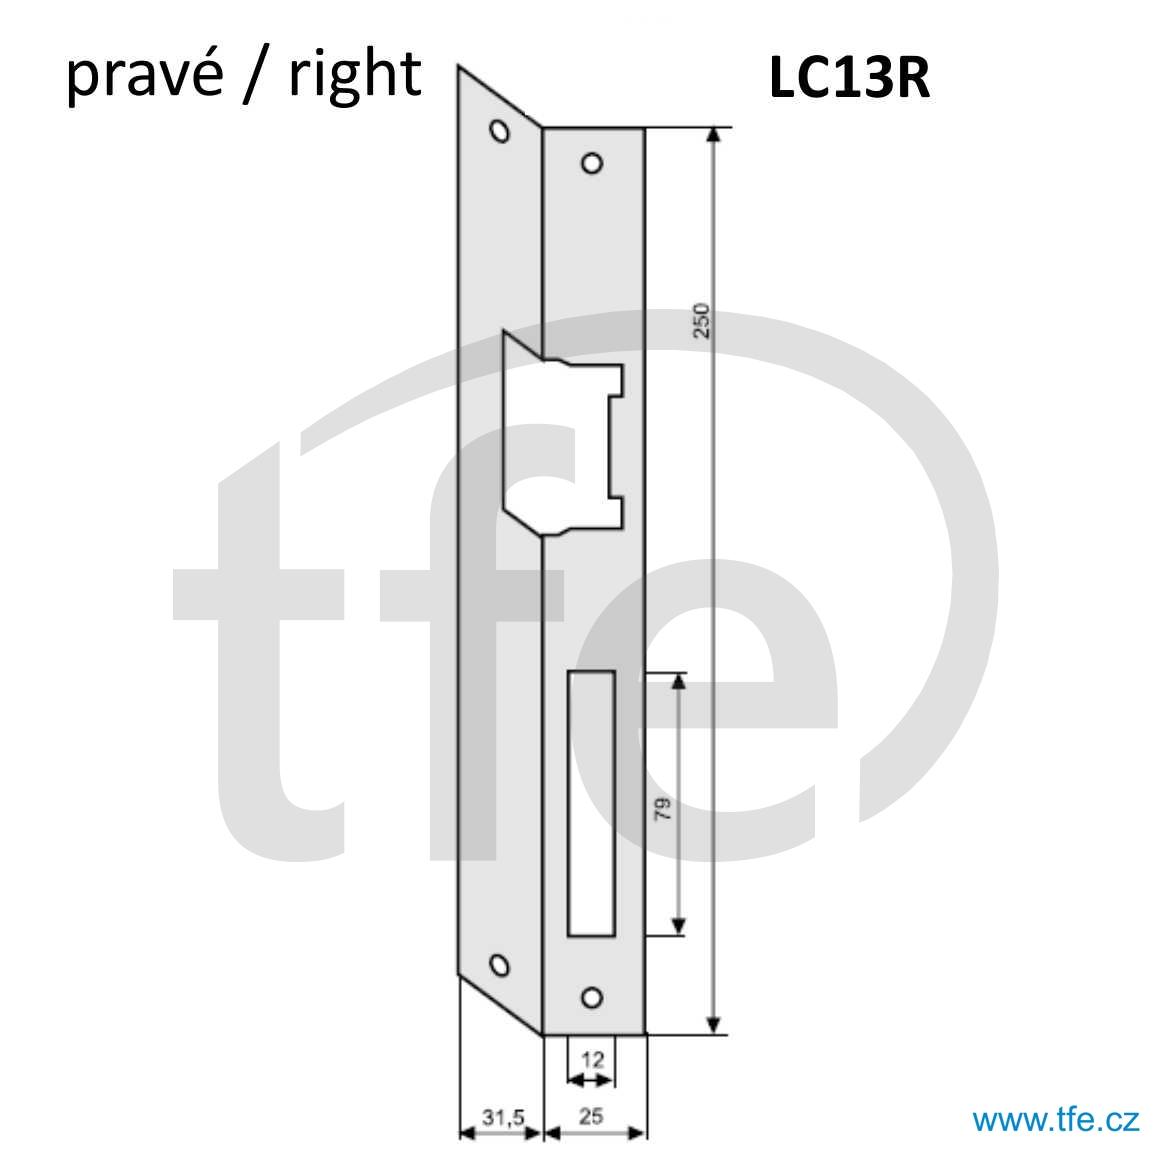 Plech úhlový pravý LC13R